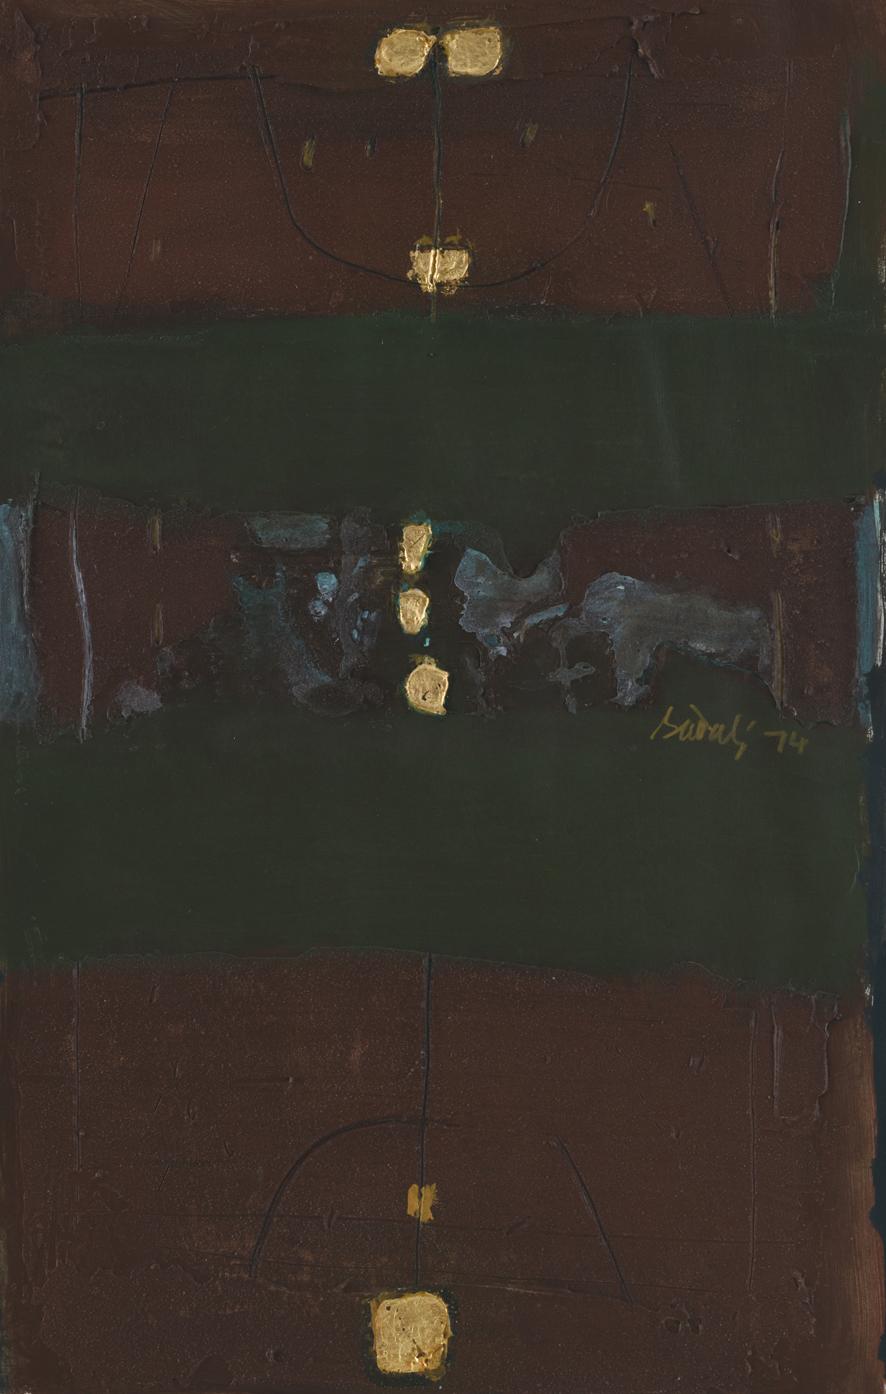 Ahmad Sadali, Untitled, 1974, 48 x 30 cm